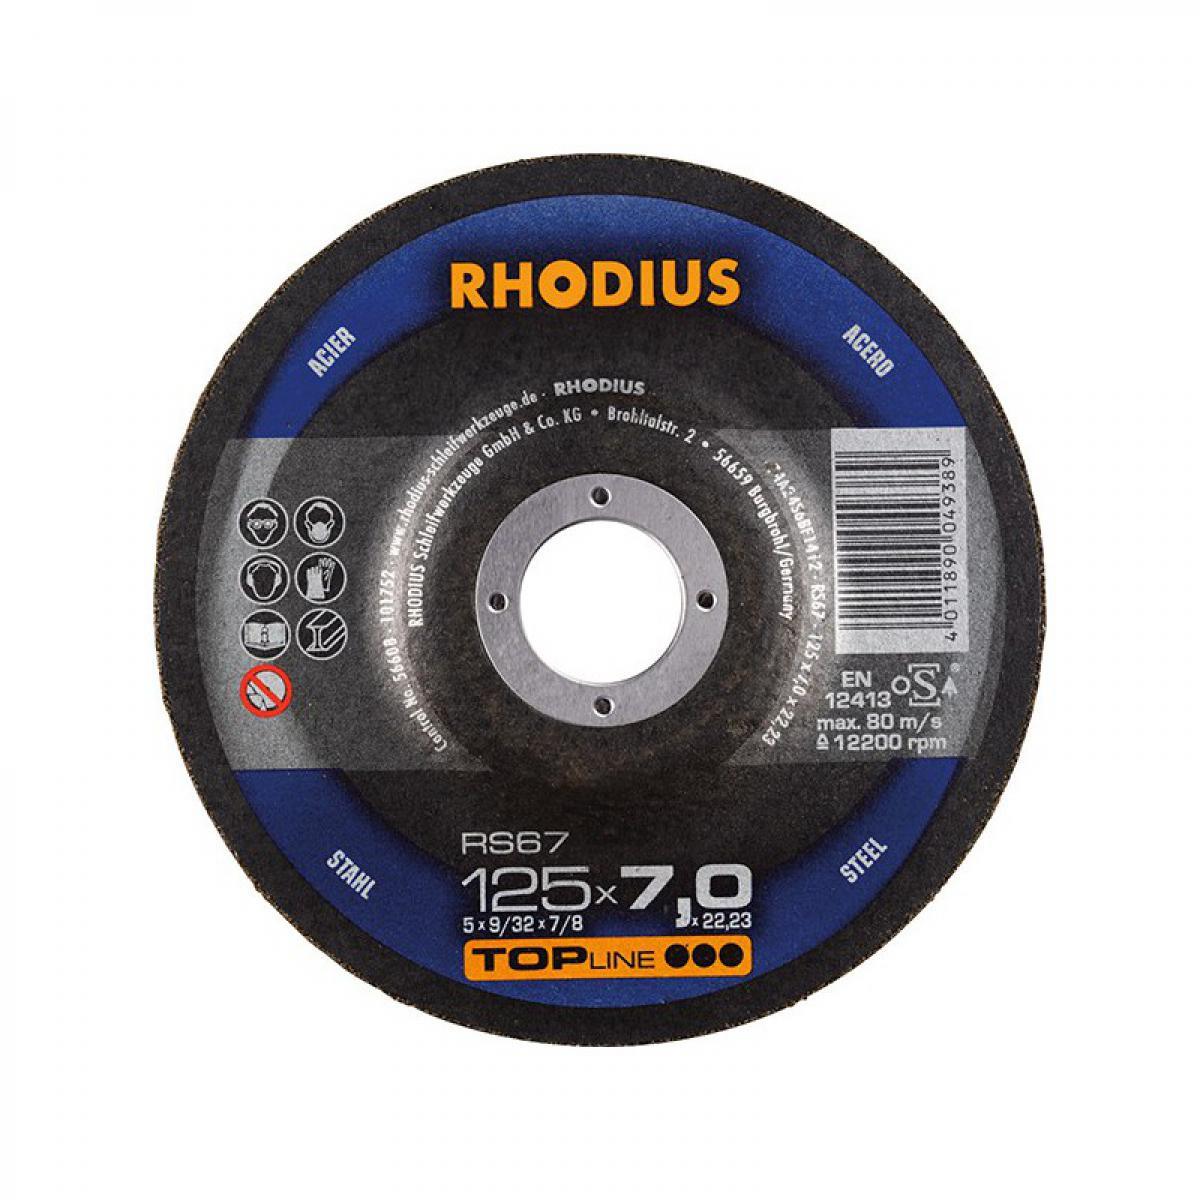 Rhodius Disque de coupe RS67 125 x 7,0mm Acier Rhodius(Par 25)